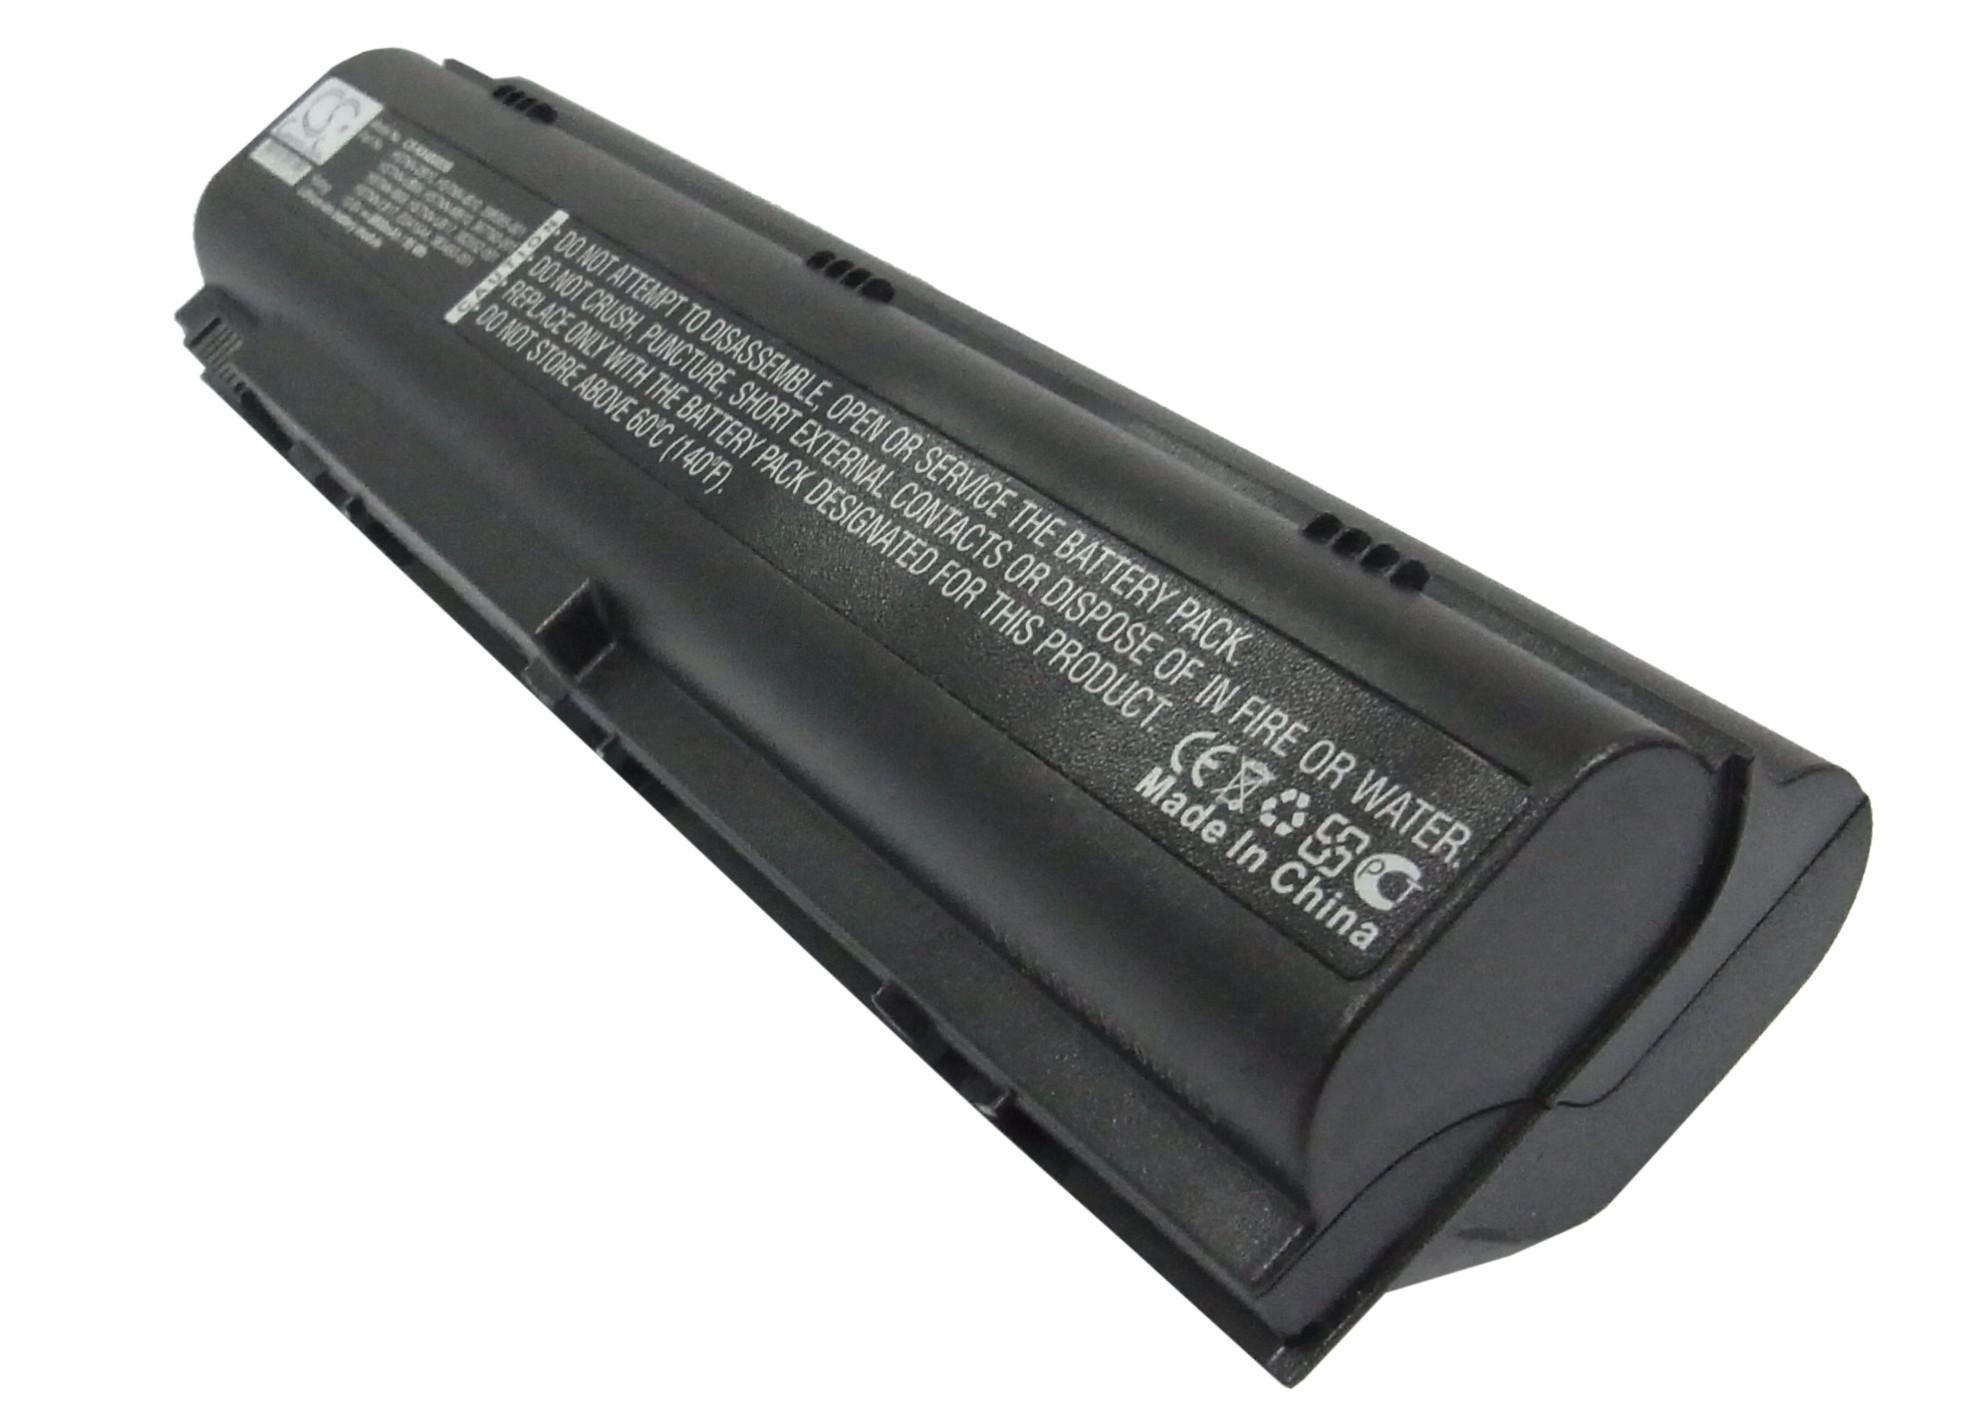 Cameron Sino baterie do notebooků pro HP Pavilion dv4000-PH856AV 10.8V Li-ion 8800mAh černá - neoriginální